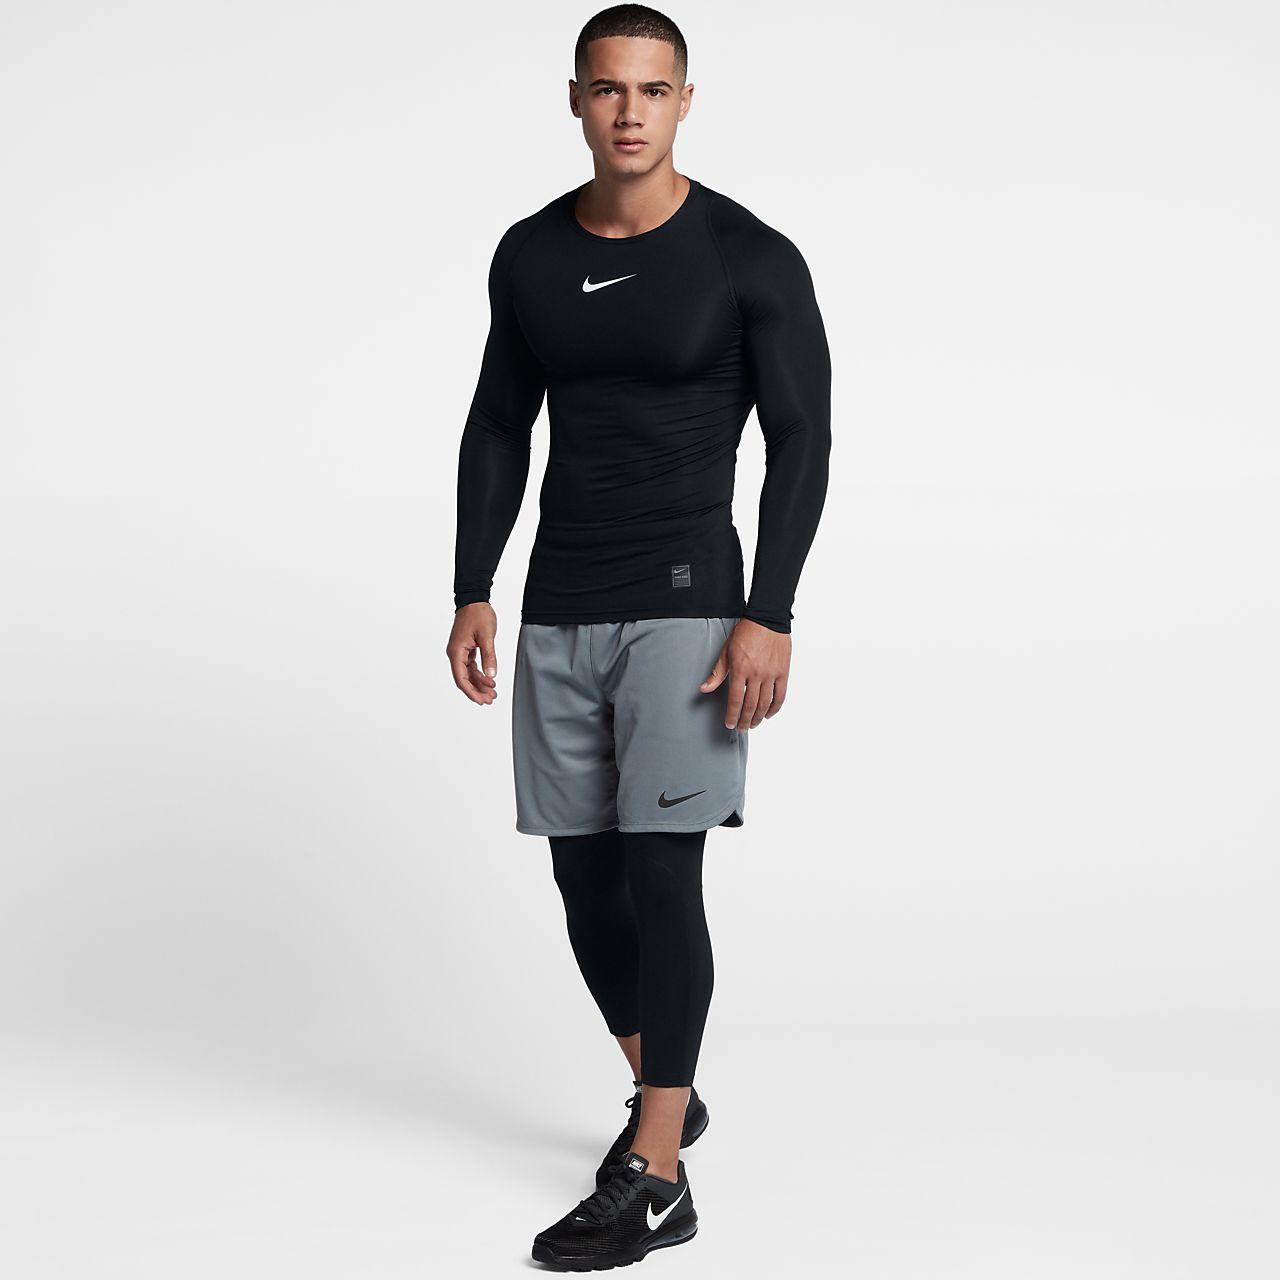 newest f76e8 3e2ec ... Collant de training 3 4 Nike Pro pour Homme